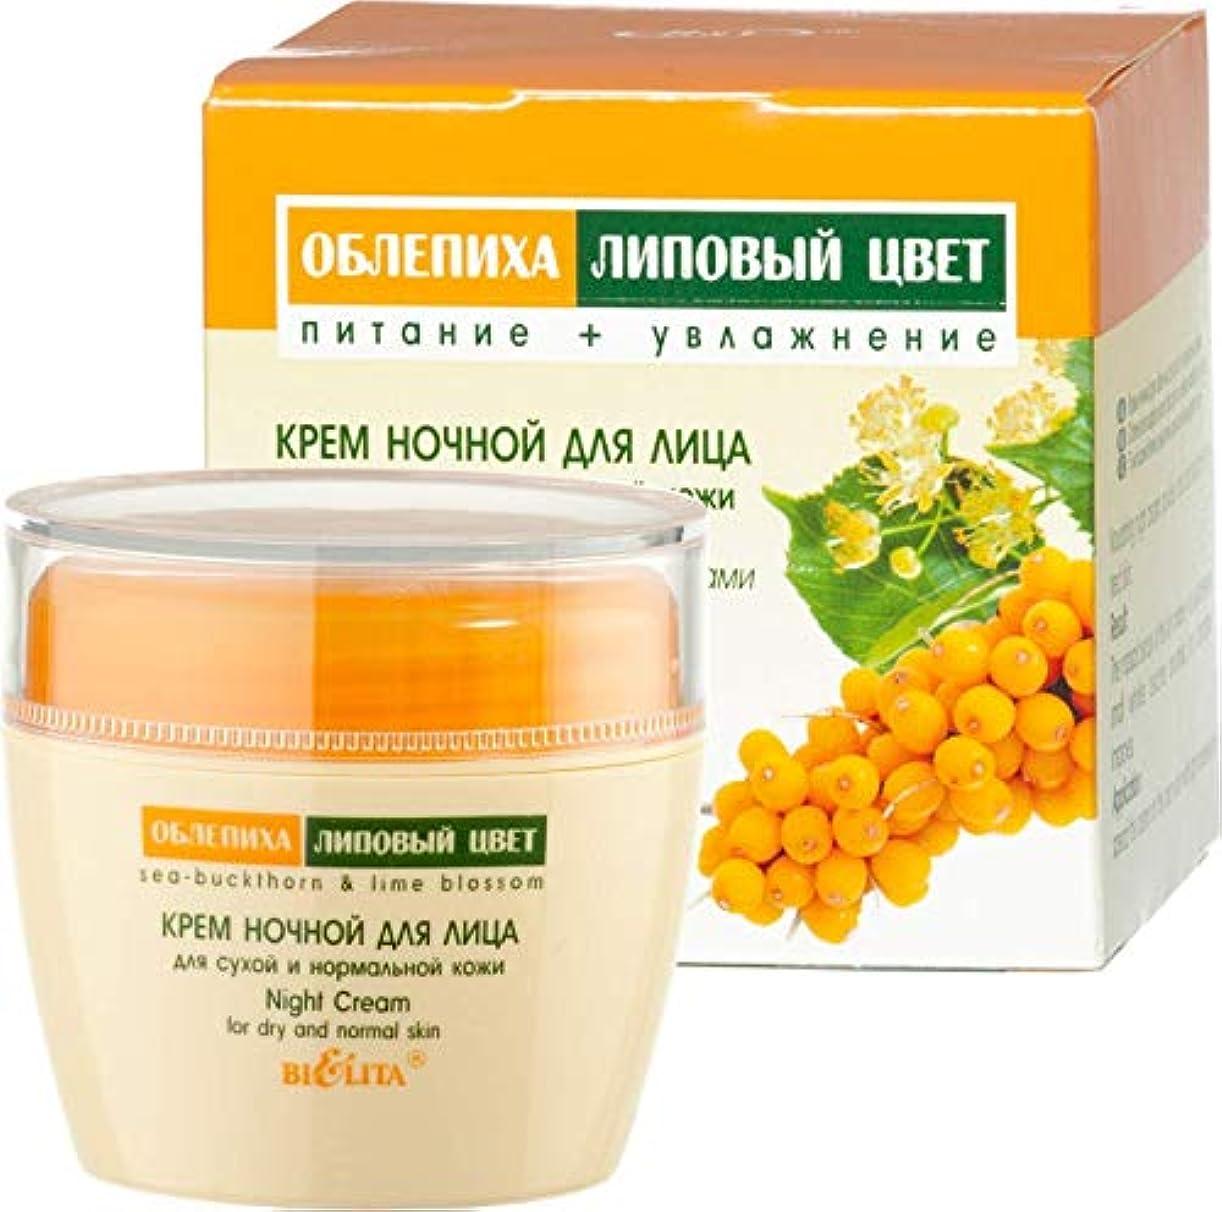 潤滑するたまに倫理Bielita & Vitex | Sea-Buckthorn Line | Night Face Cream for Dry and Normal Skin, 50 ml | Sea-Buckthorn Oil, Lime...